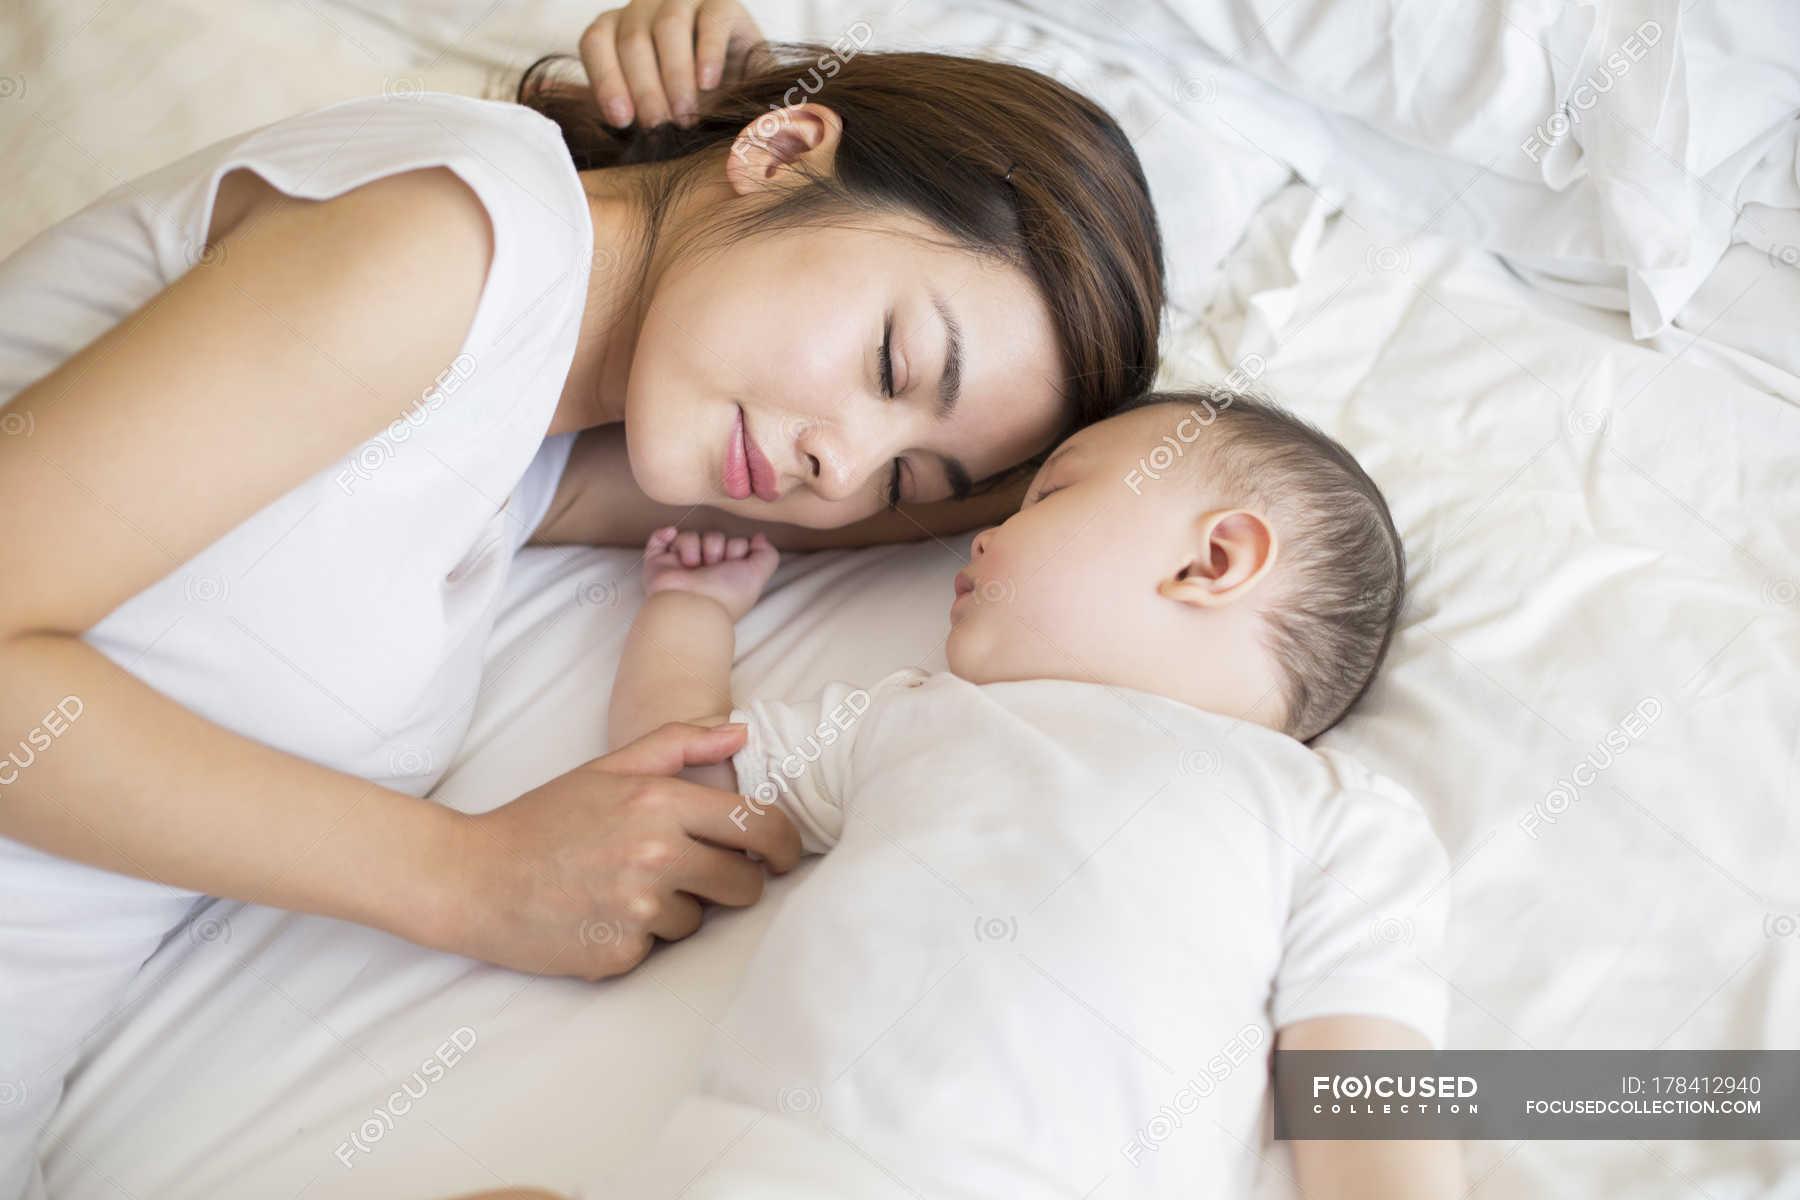 Трахает мать пока та спит русские, Сын трахнул спящую мать Cмотреть бесплатно порно 22 фотография